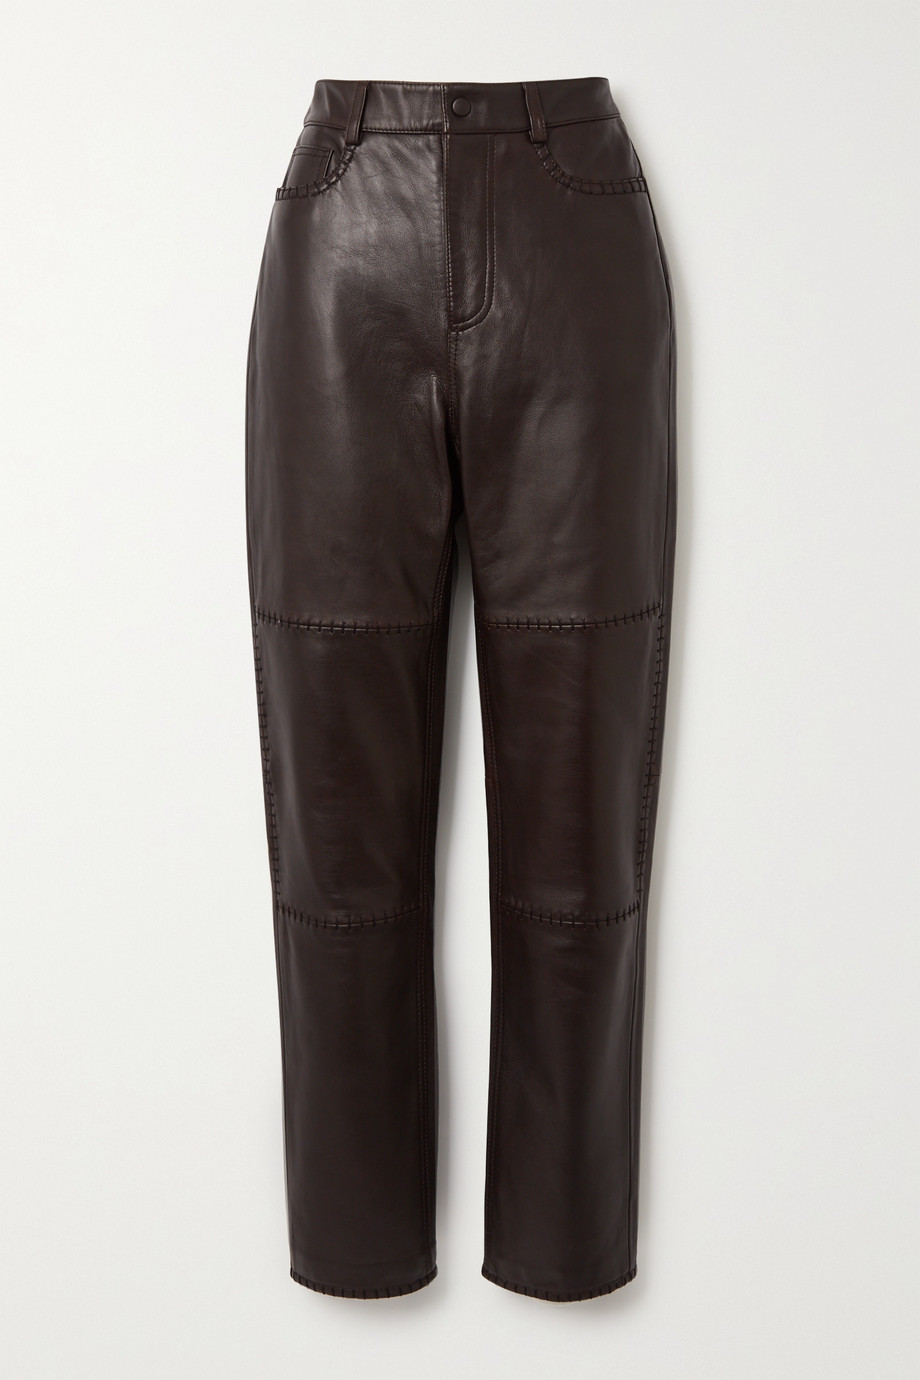 GANNI Hose aus Leder mit geradem Bein